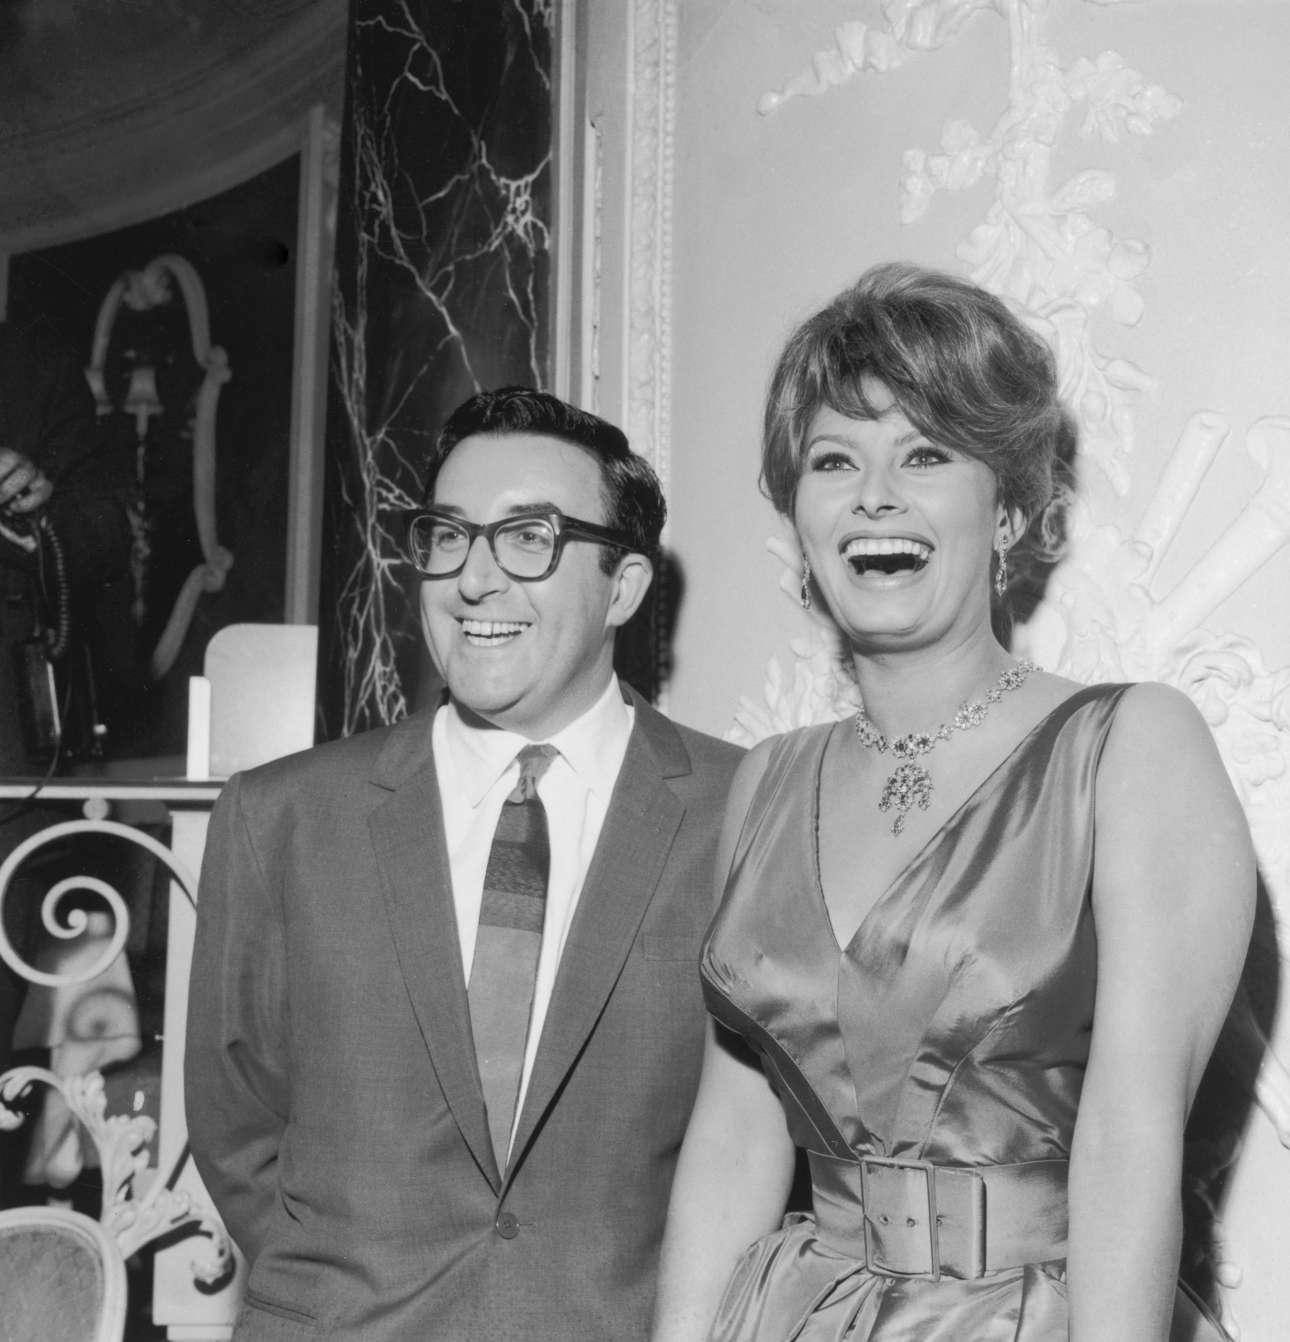 Στο Λονδίνο το 1960, με τον Πίτερ Σέλερς κατά την ανακοίνωση των γυρισμάτων της ταινίας «Η Εκατομμυριούχος», μια κινηματογραφική διασκευή του θεατρικού του Τζορτζ Μπέρναρ Σο